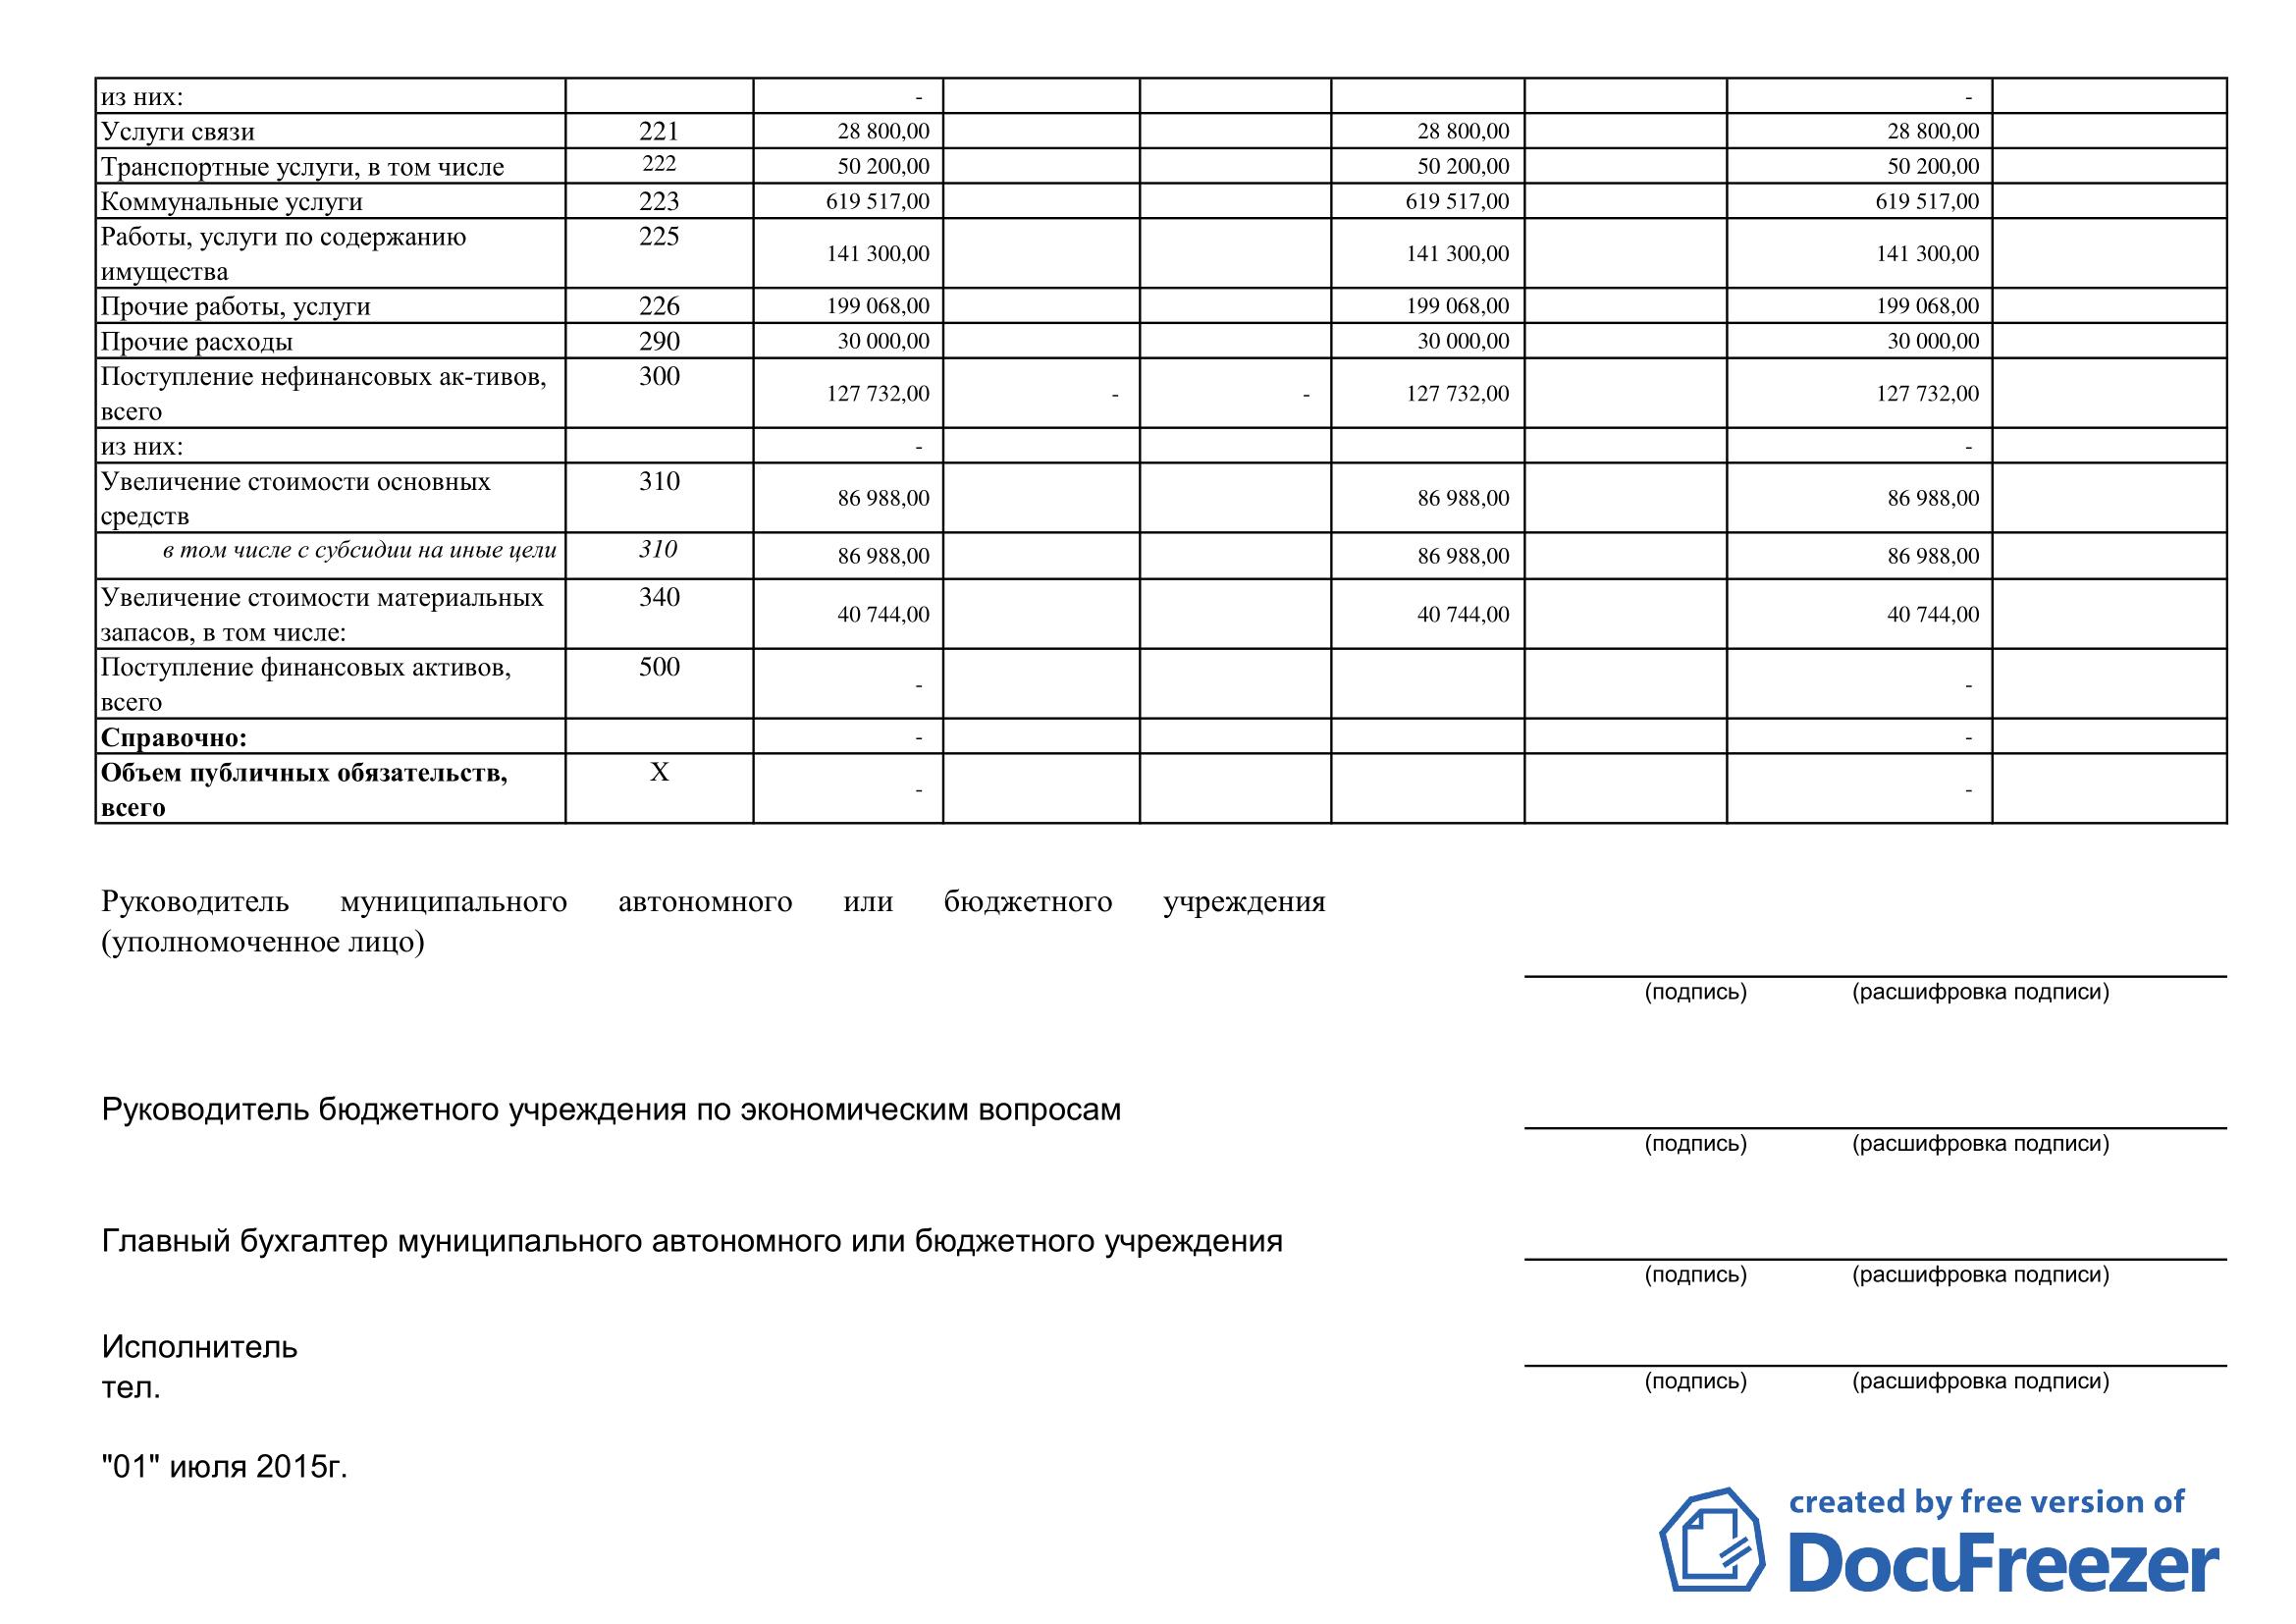 План ФХД на 1.07.15_2